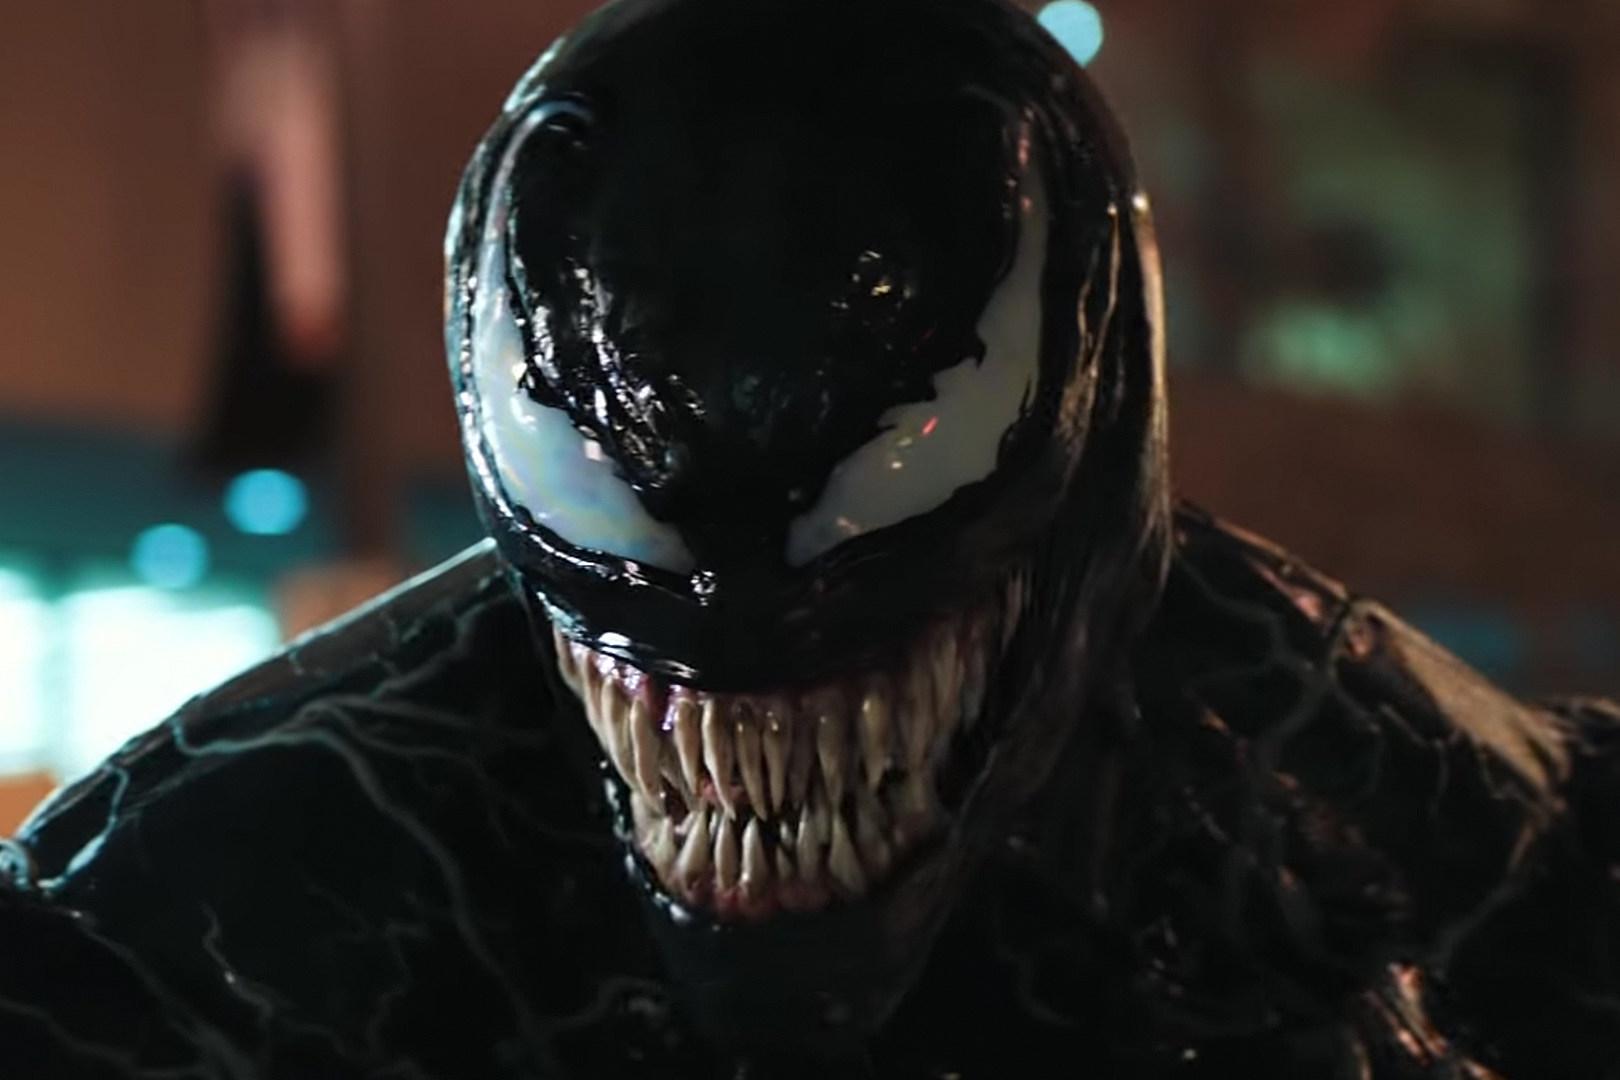 Il difficile rapporto simbiotico di Venom